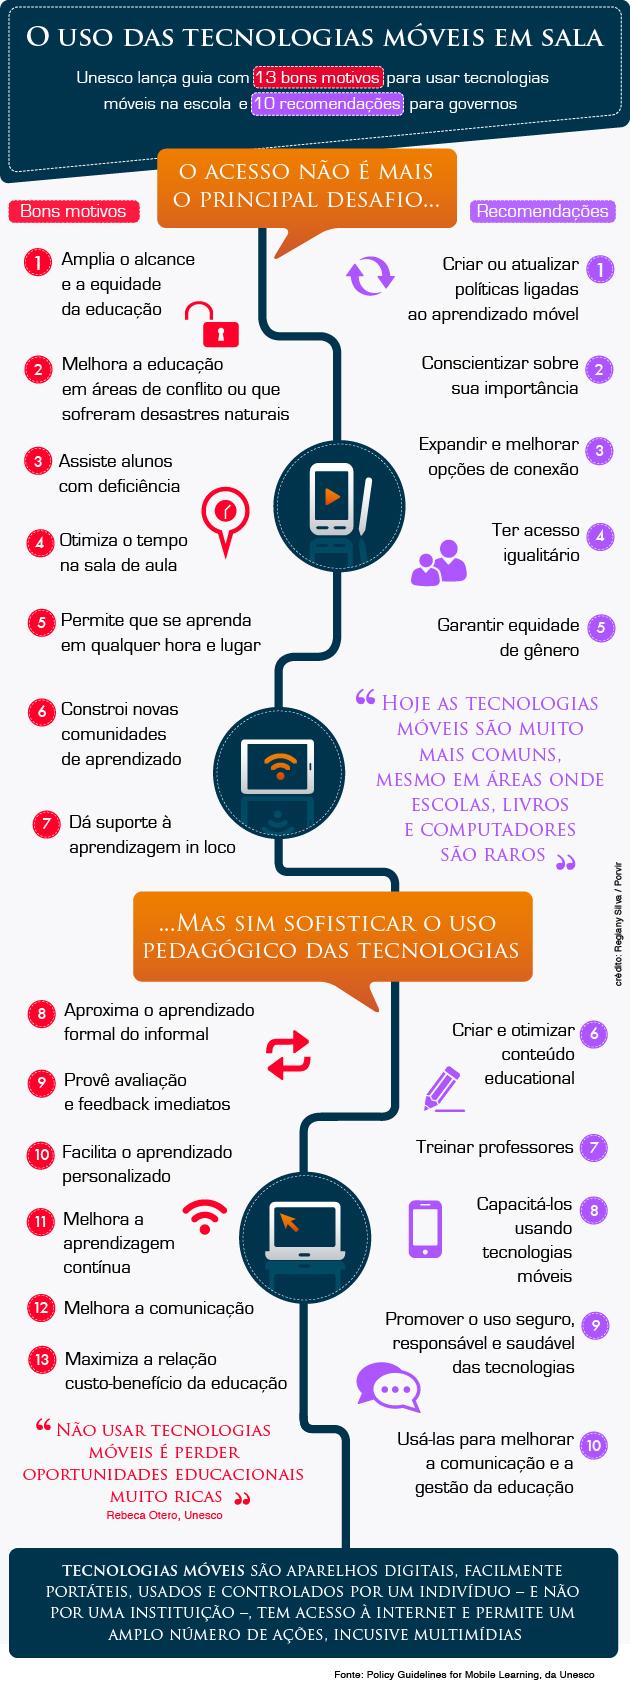 Tecnologias-Moveis-em-Sala_Info